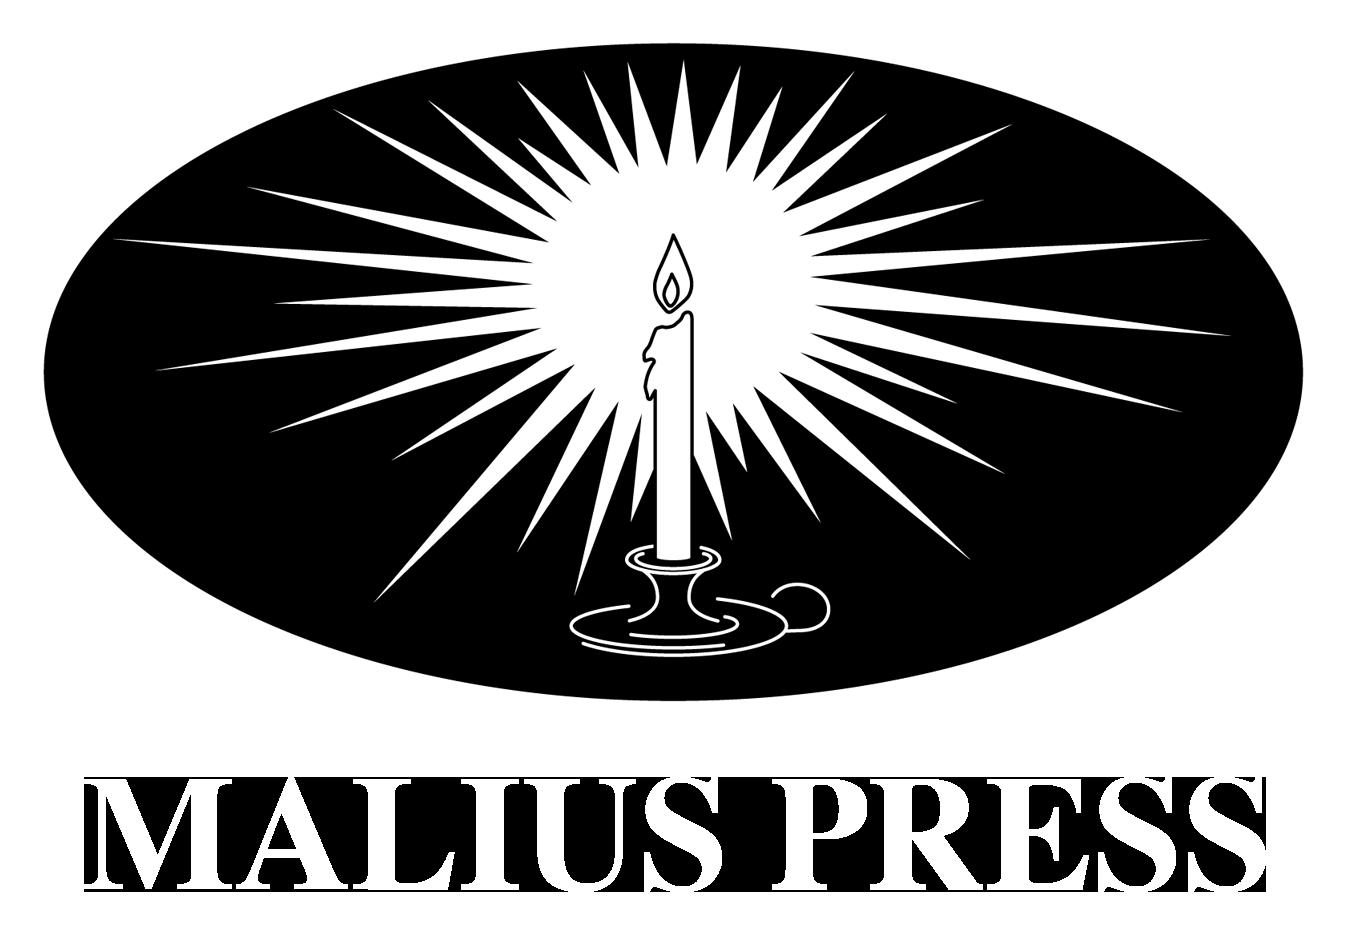 Malius Press